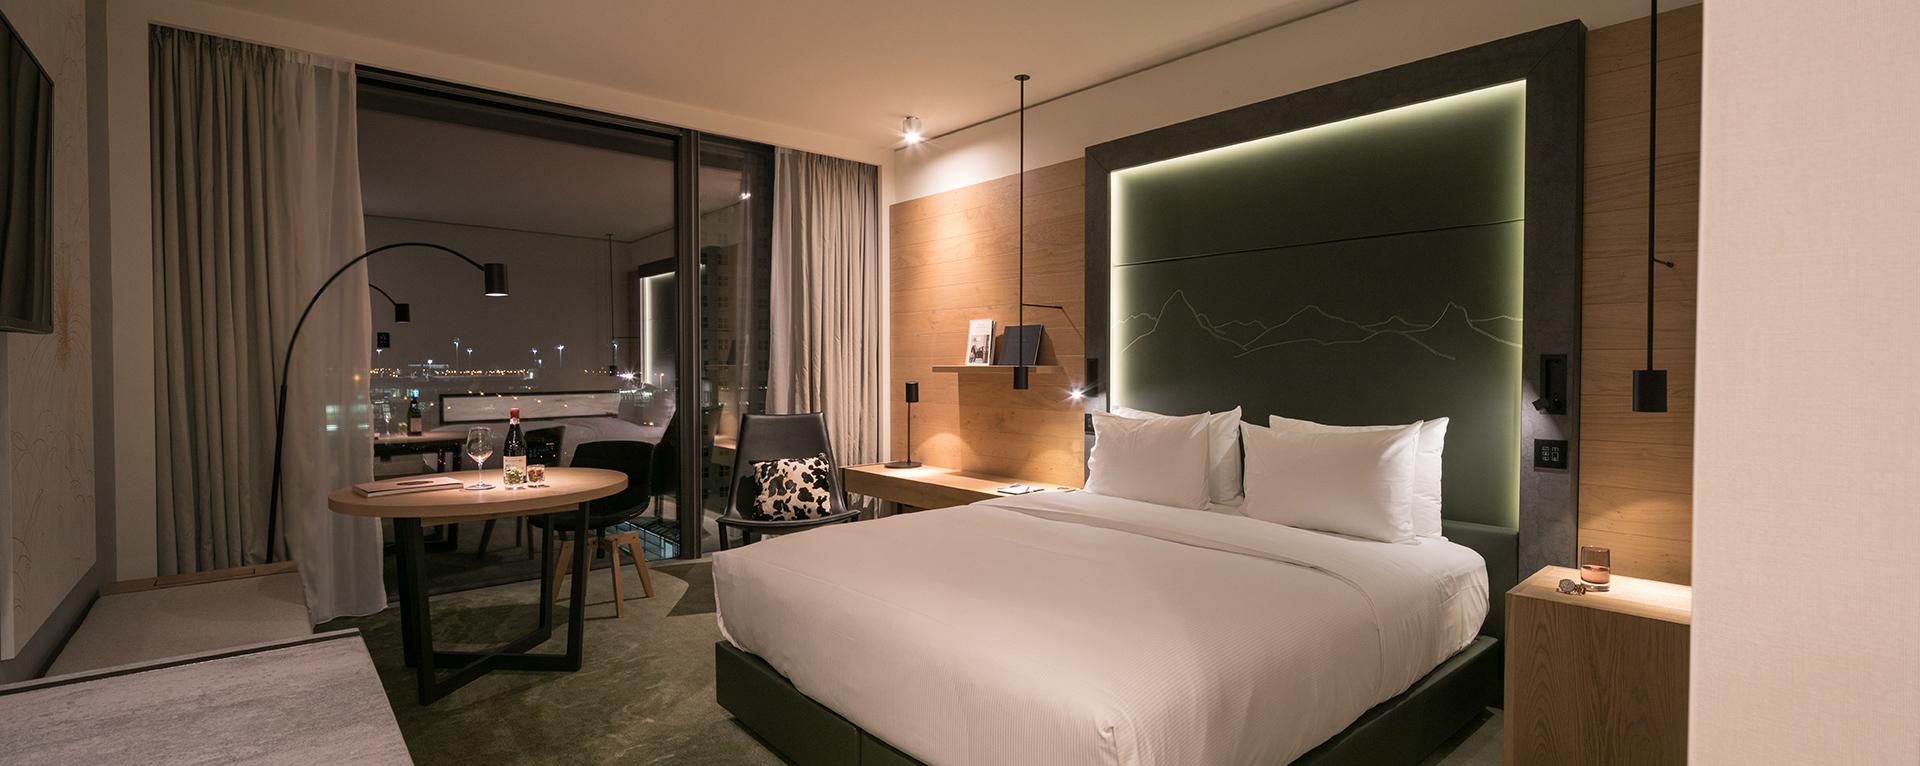 Ein Zimmer im Hotel Hilton´Munich Airport